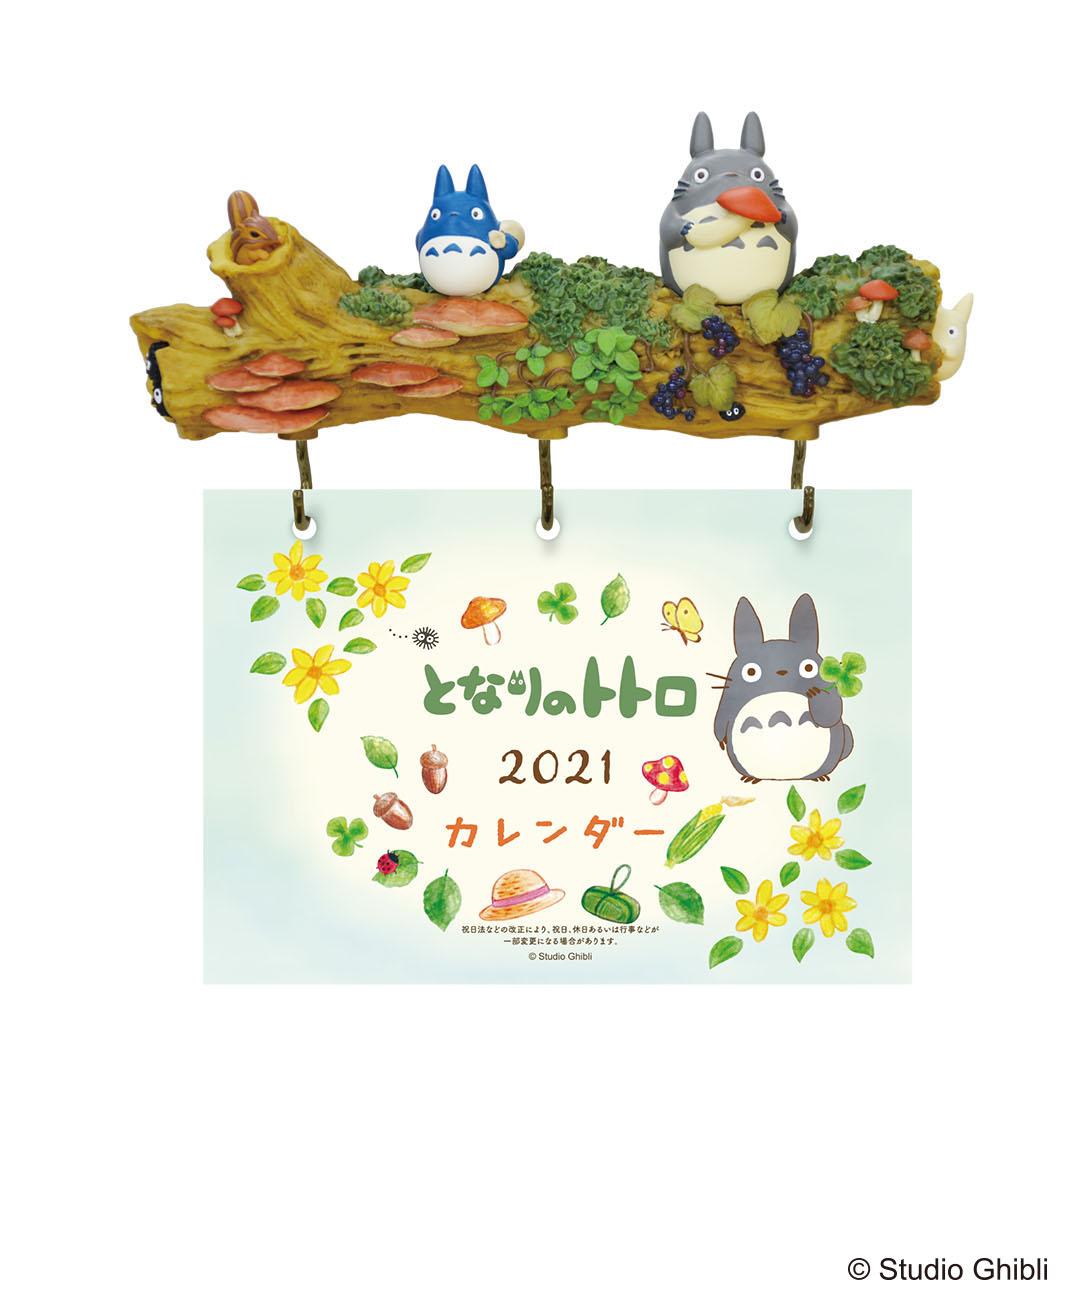 スタジオジブリ作品グッズショップ 「どんぐり共和国」より2021年のカレンダー2種が9月より発売!半立体のマグネット付き壁掛けタイプで利便性とかわいさもばっちり!